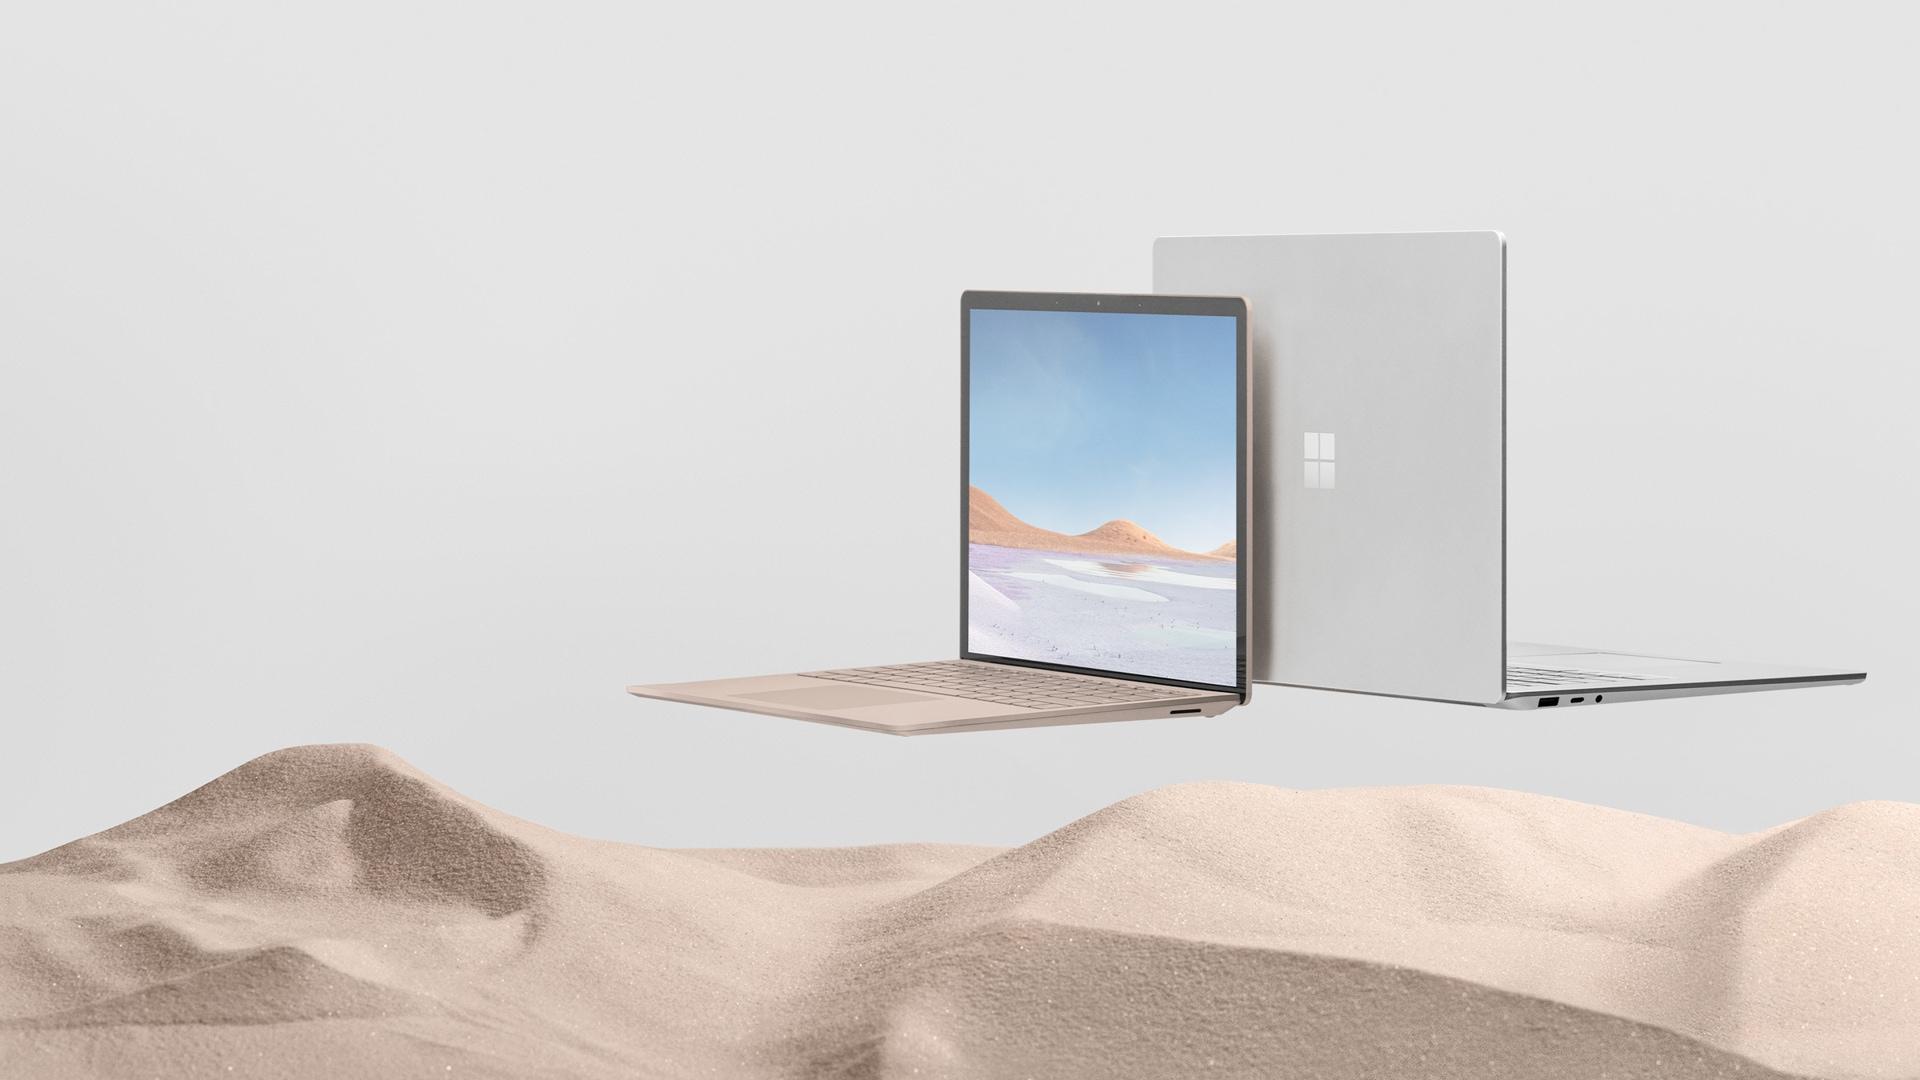 13.5 吋沙岩色和 15 吋白金色的 Surface Laptop 3